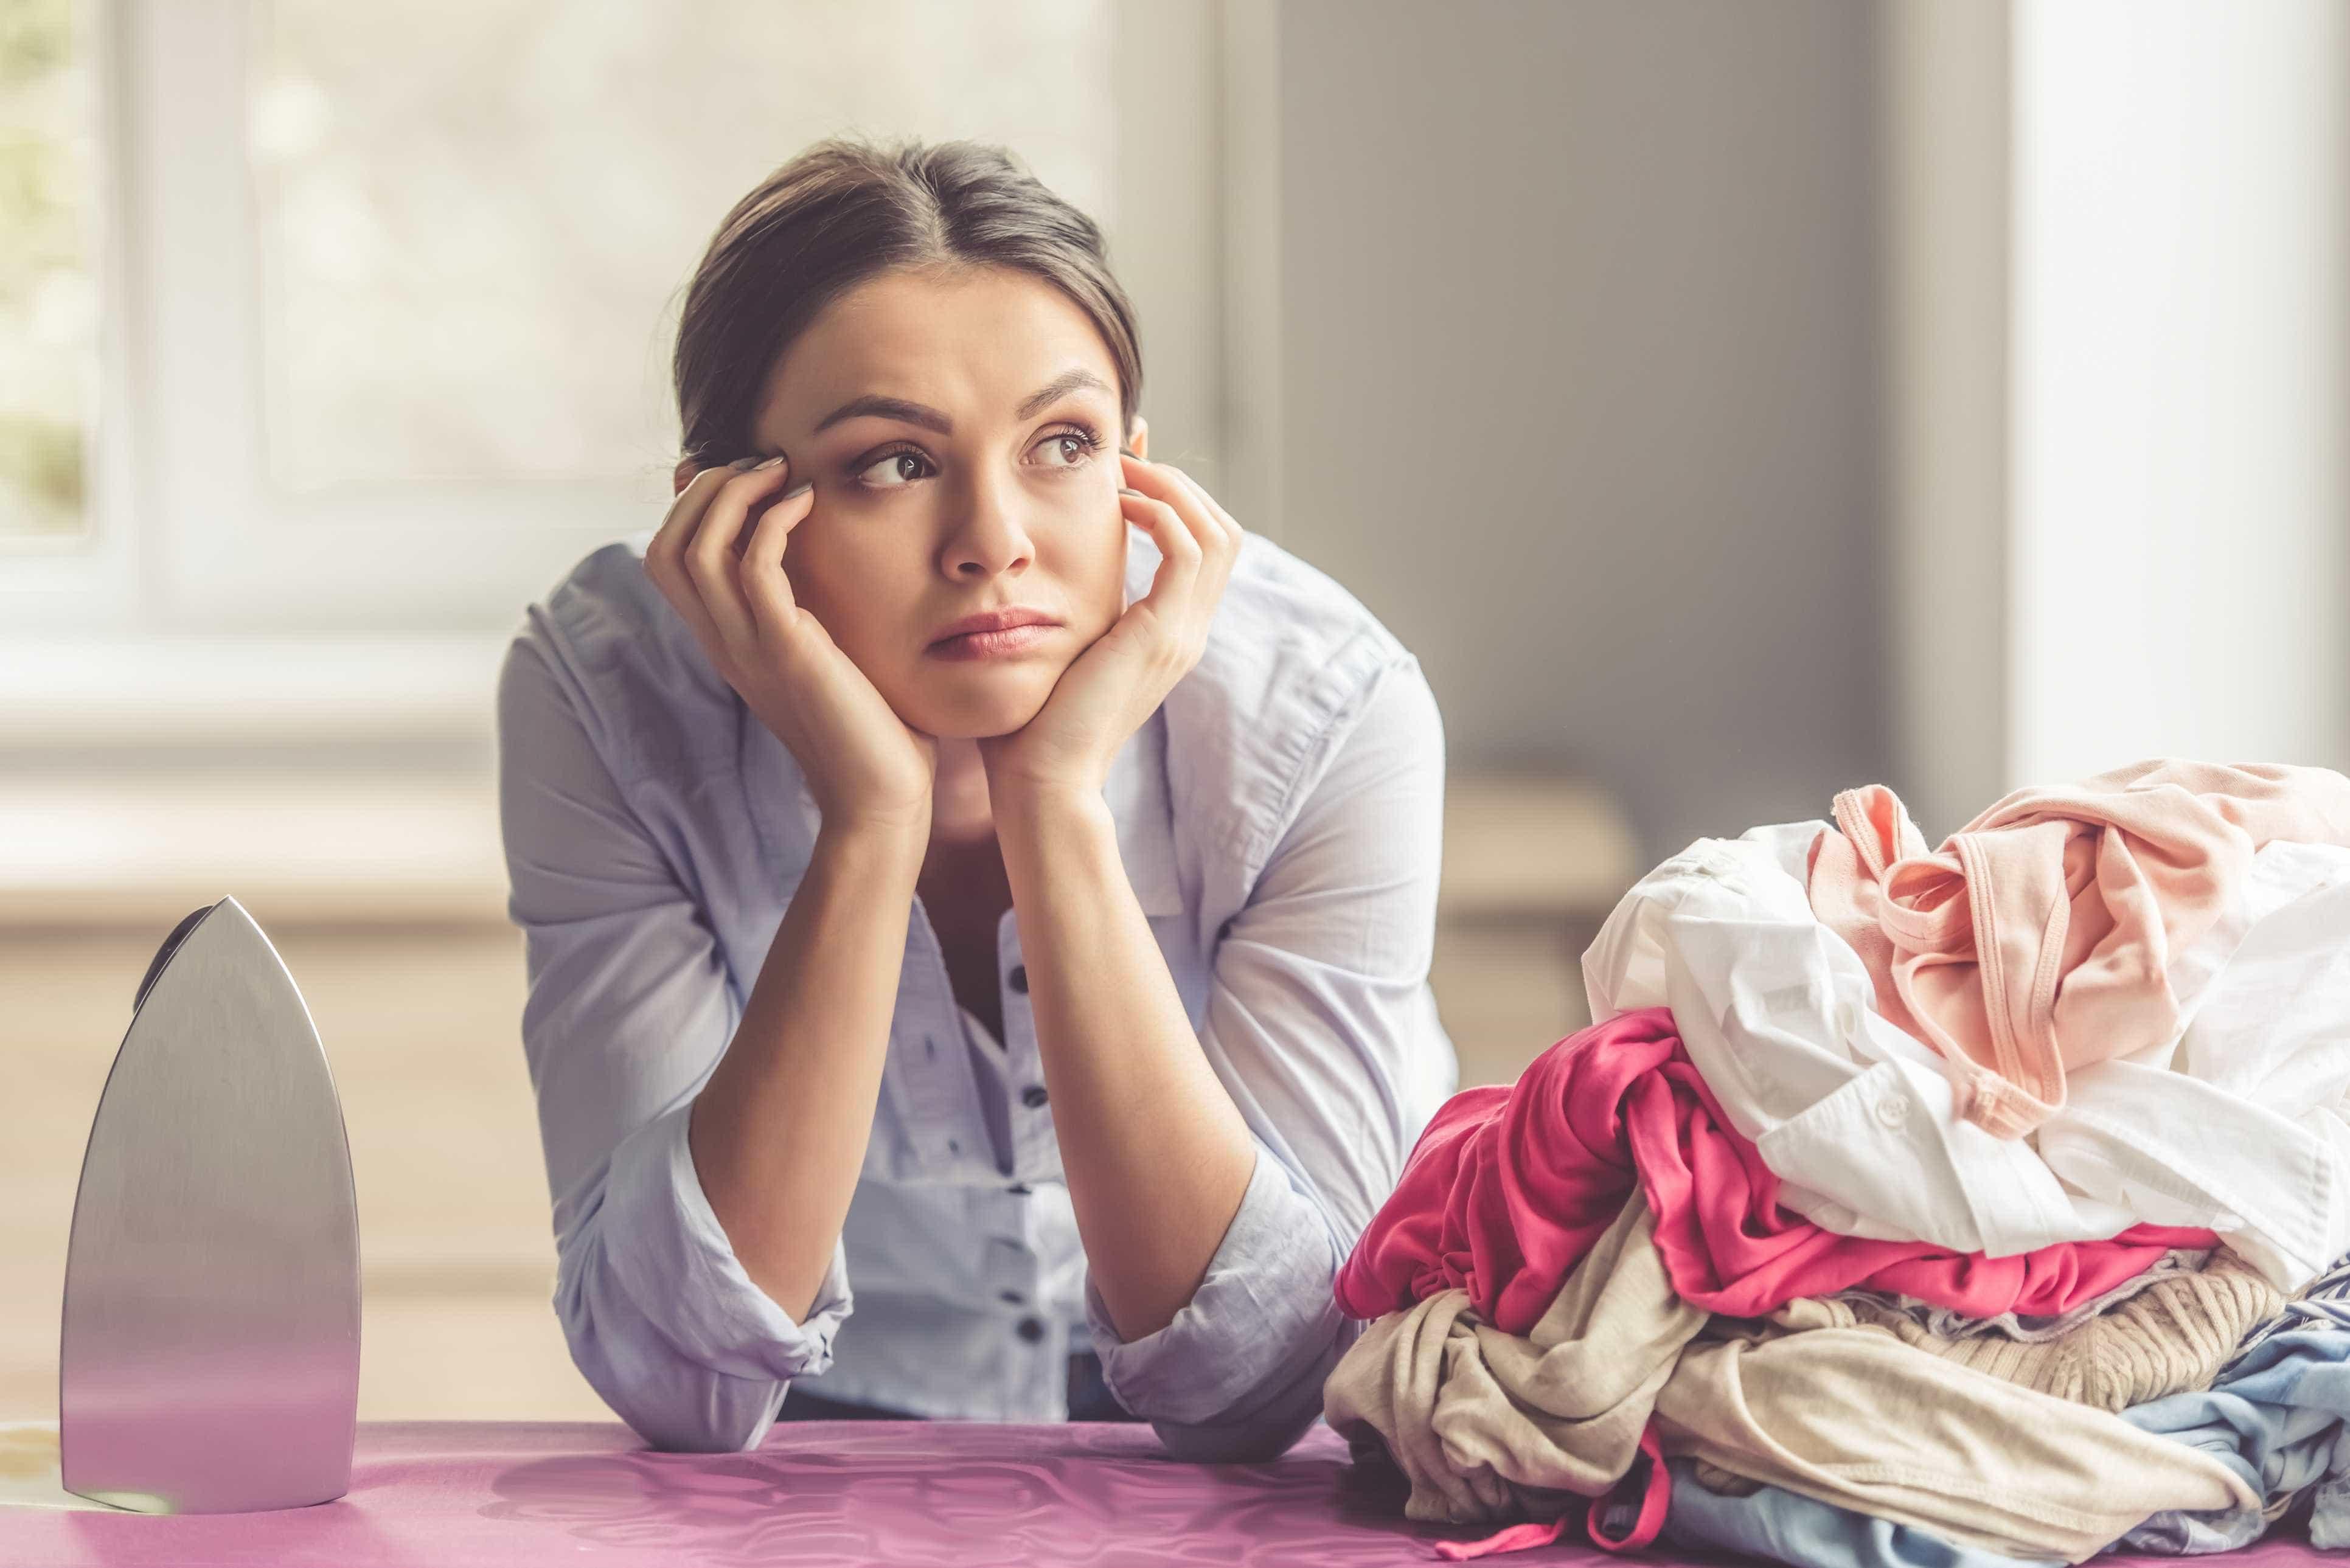 Realizar estas tarefas domésticas aumenta a expetativa de vida